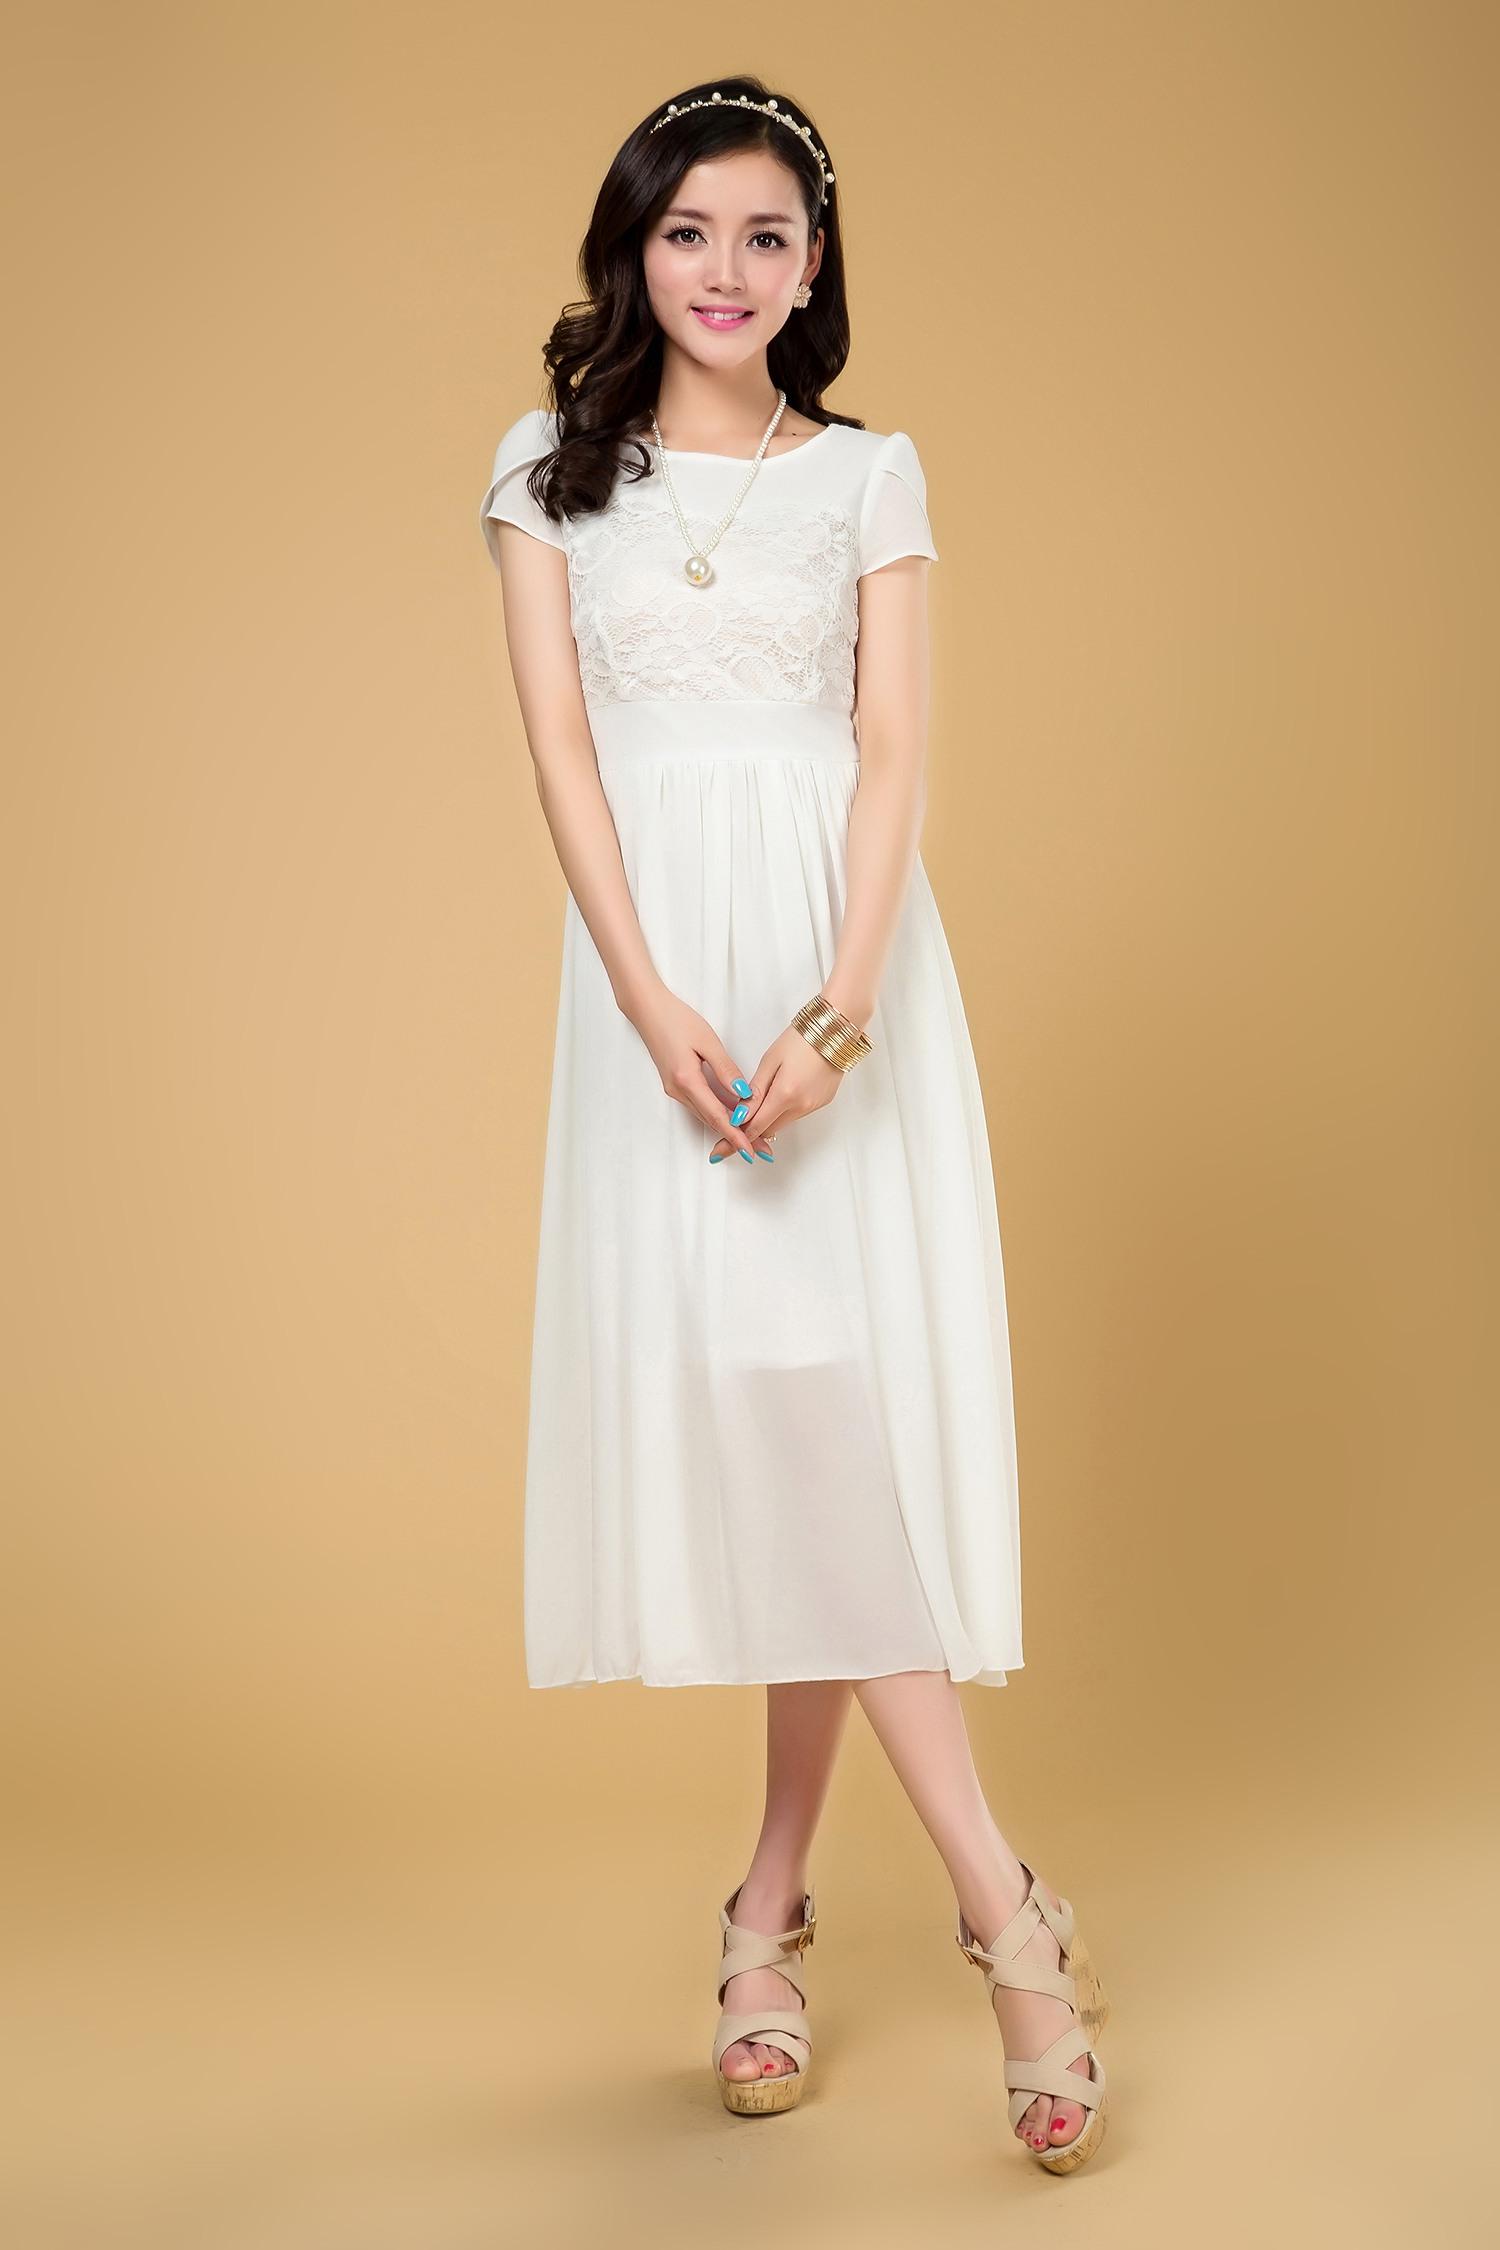 白色裙子怎么搭配_白色连衣裙配什么颜色的丝袜和鞋子啊?-白色连衣裙 搭配什么 ...